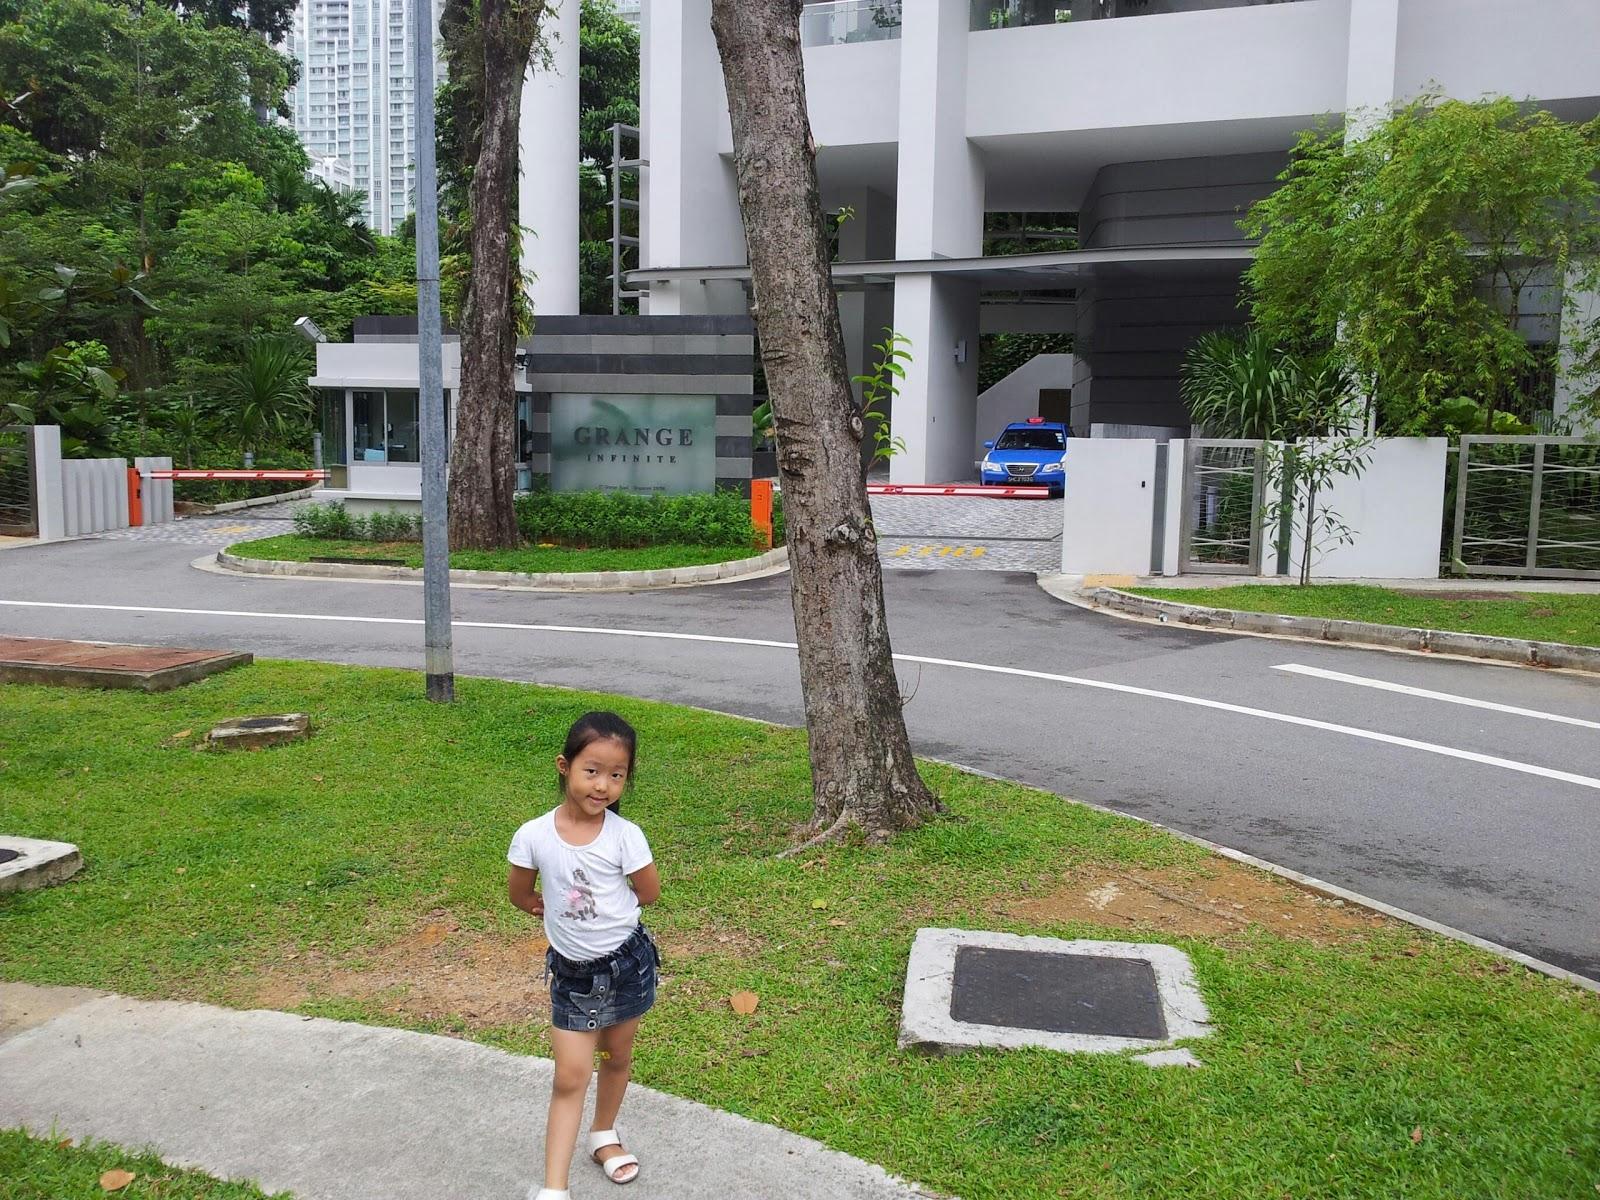 Real estates singapore grange infinite condo singapore - Appartement grange infinite showflat singapour ...